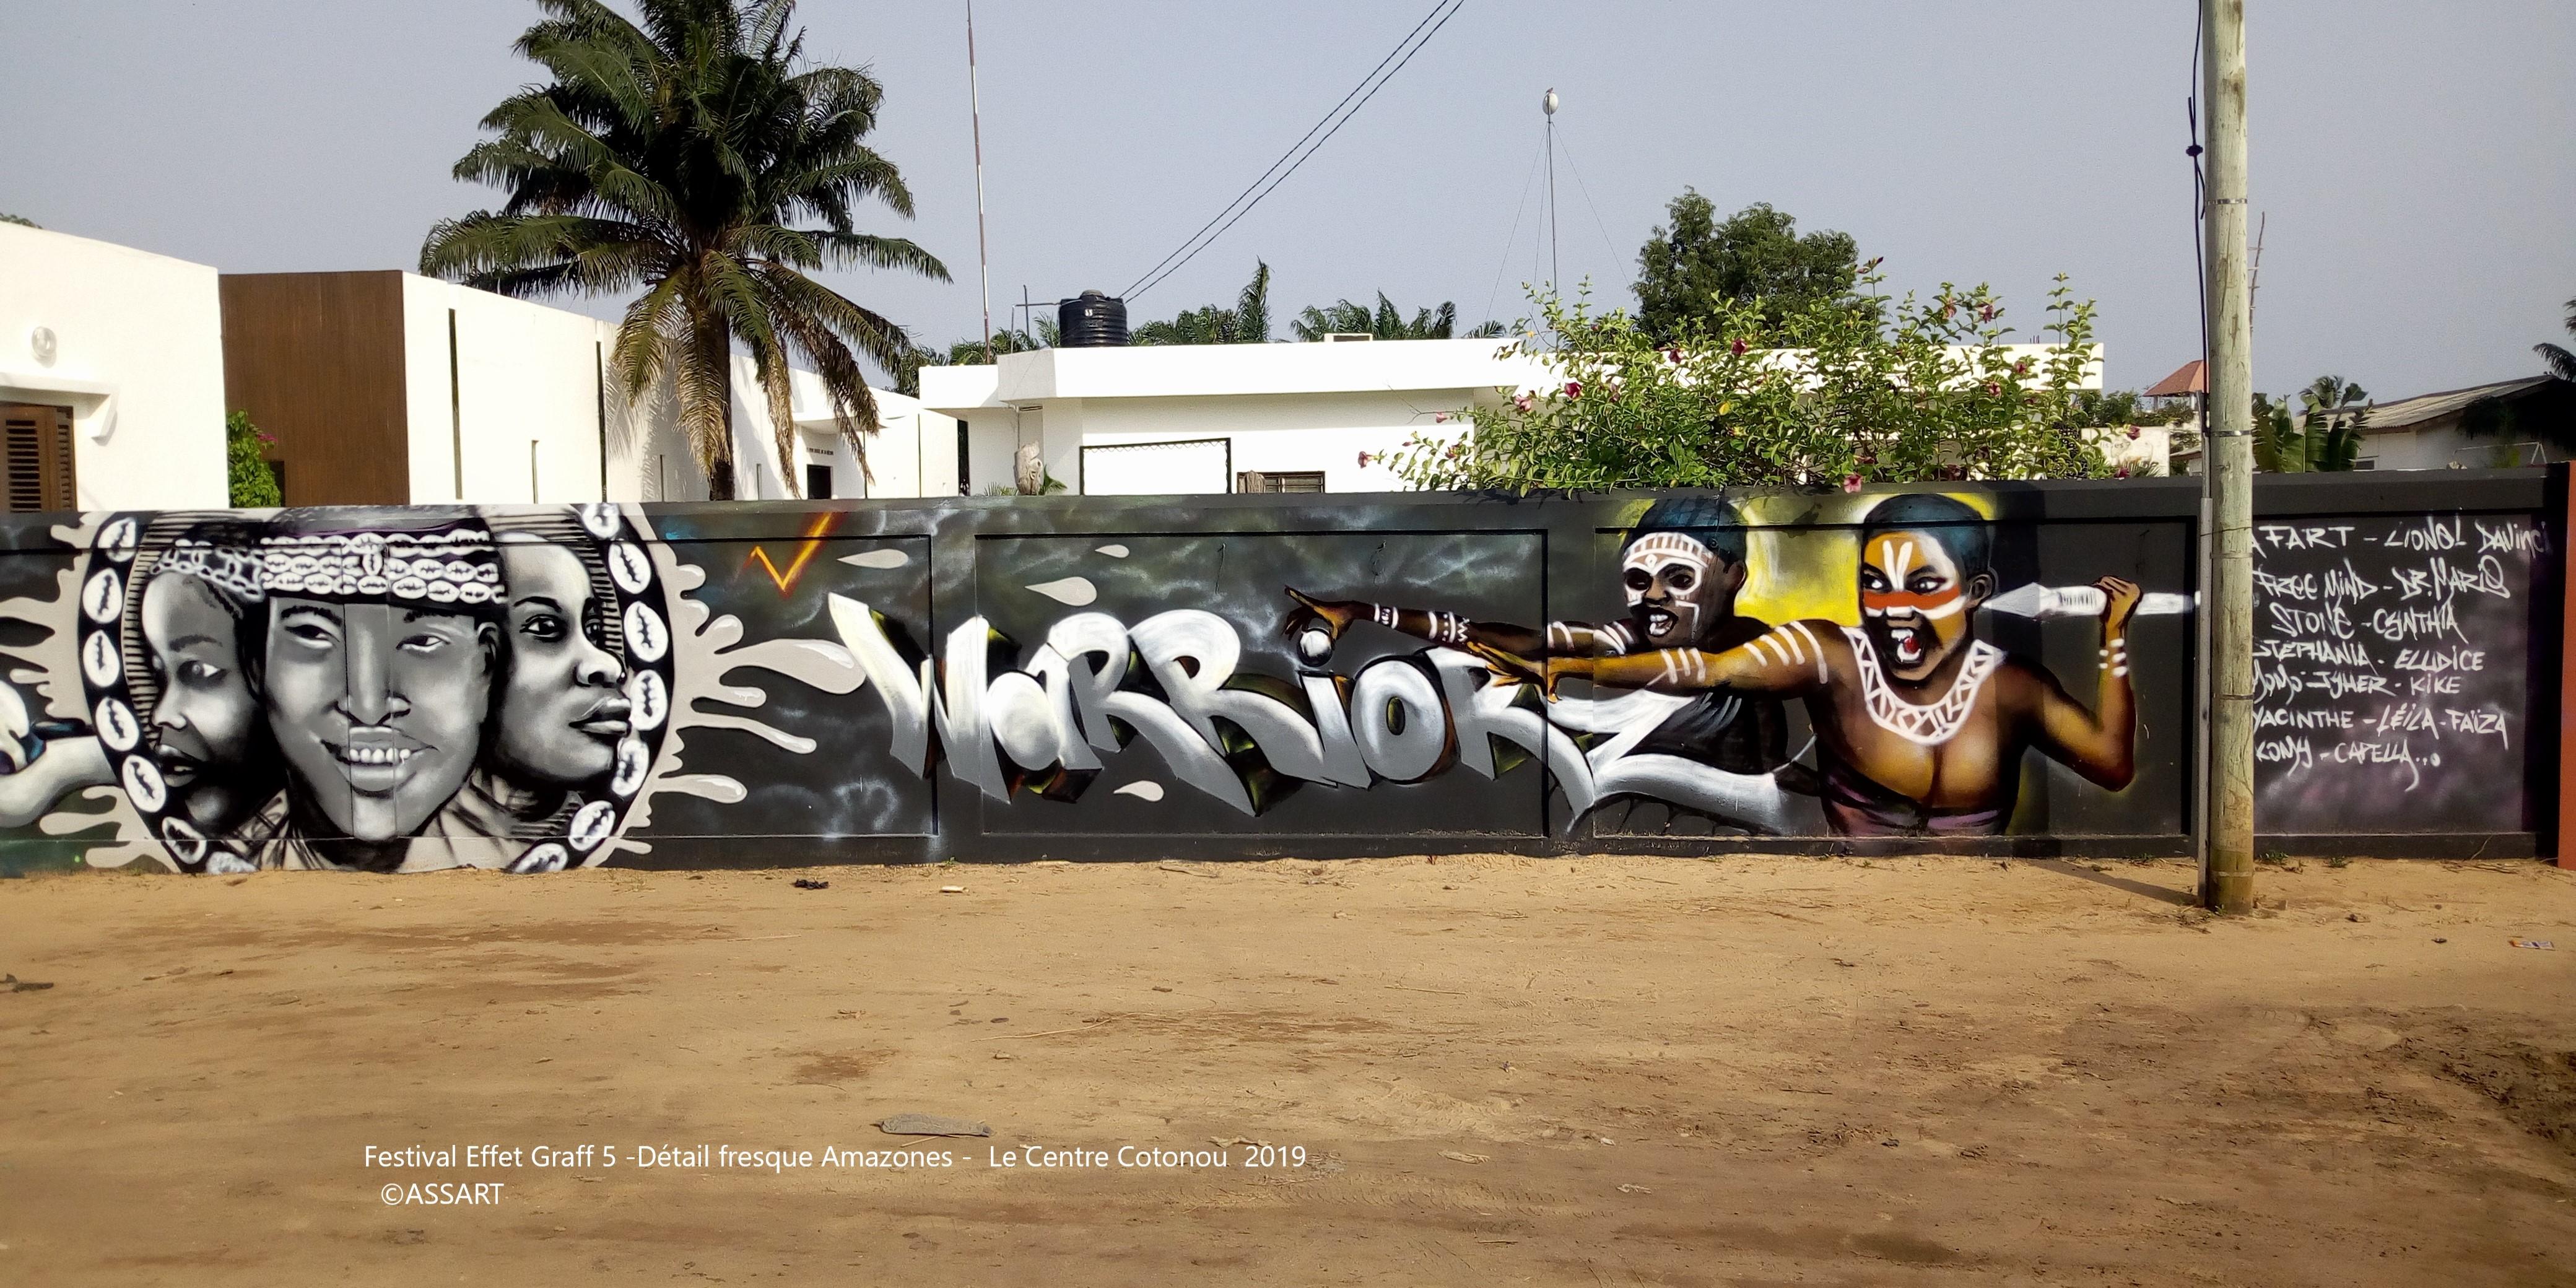 Festival Effet Graff 5 -Détail fresque Amazones - Le Centre Cotonou 2019 - ©ASSART